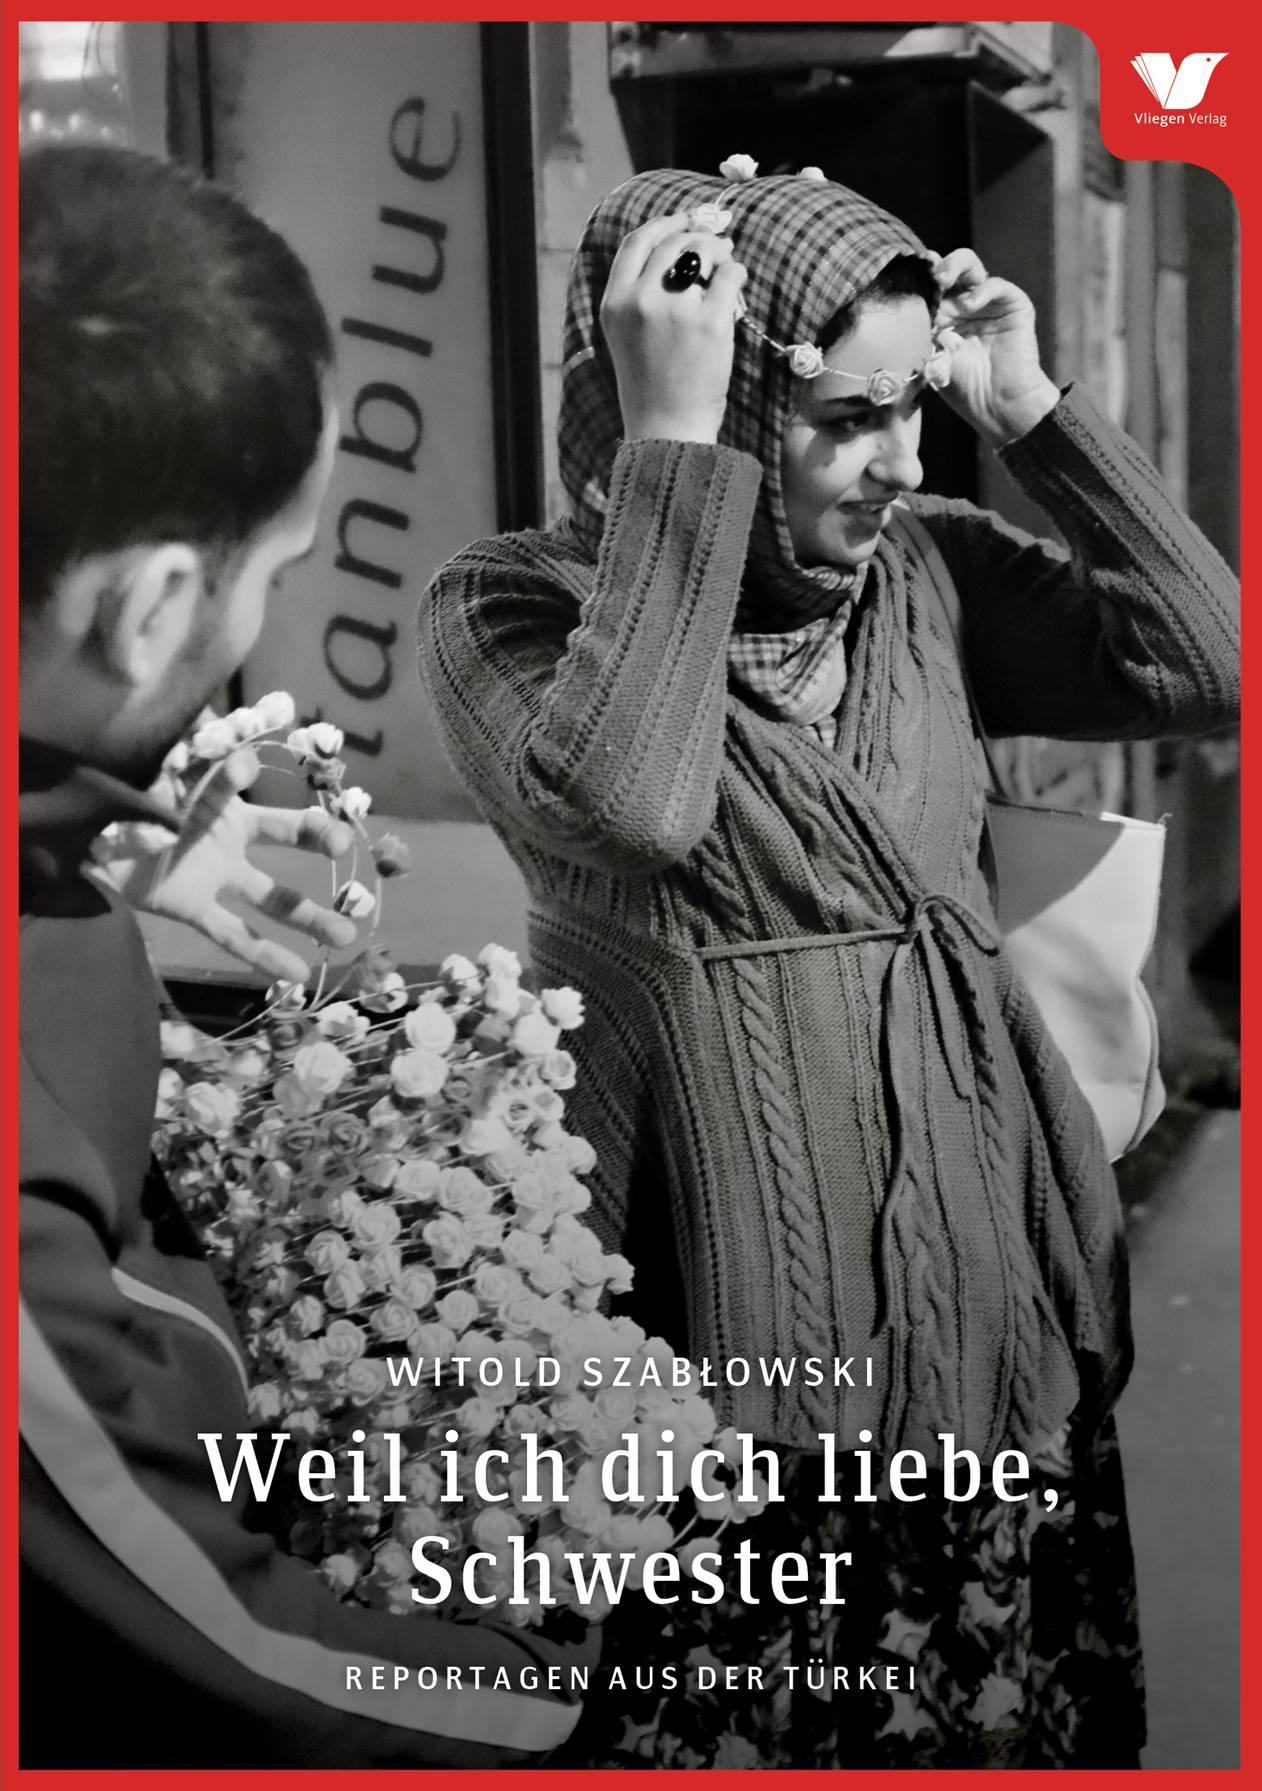 Weil-ich-dich-liebe-Schwester-Witold-Szablowski